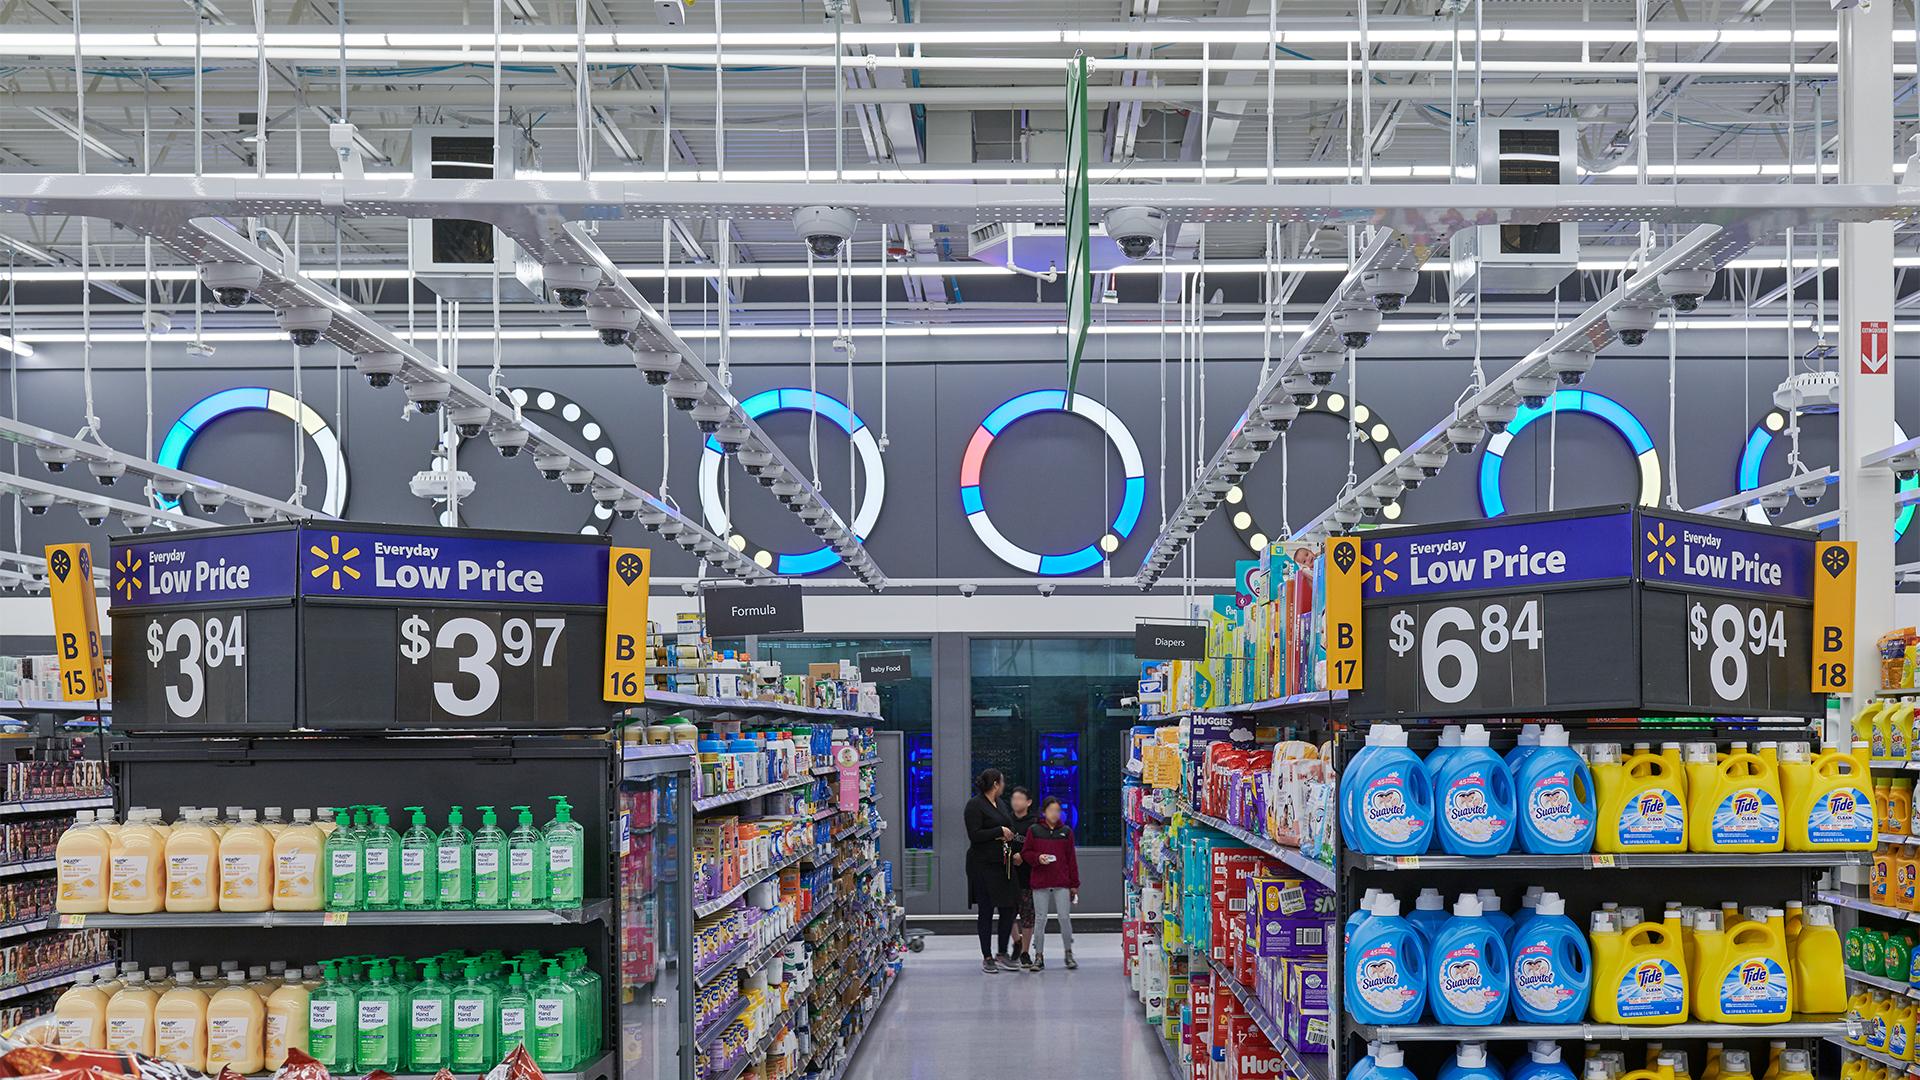 ddc7c481ee6235 Как и «безкассовый» Amazon Go, магазин усыпан массой камер, вмонтированных  в потолок. Но площадь здесь в десять раз больше, и задачи у магазина другие.